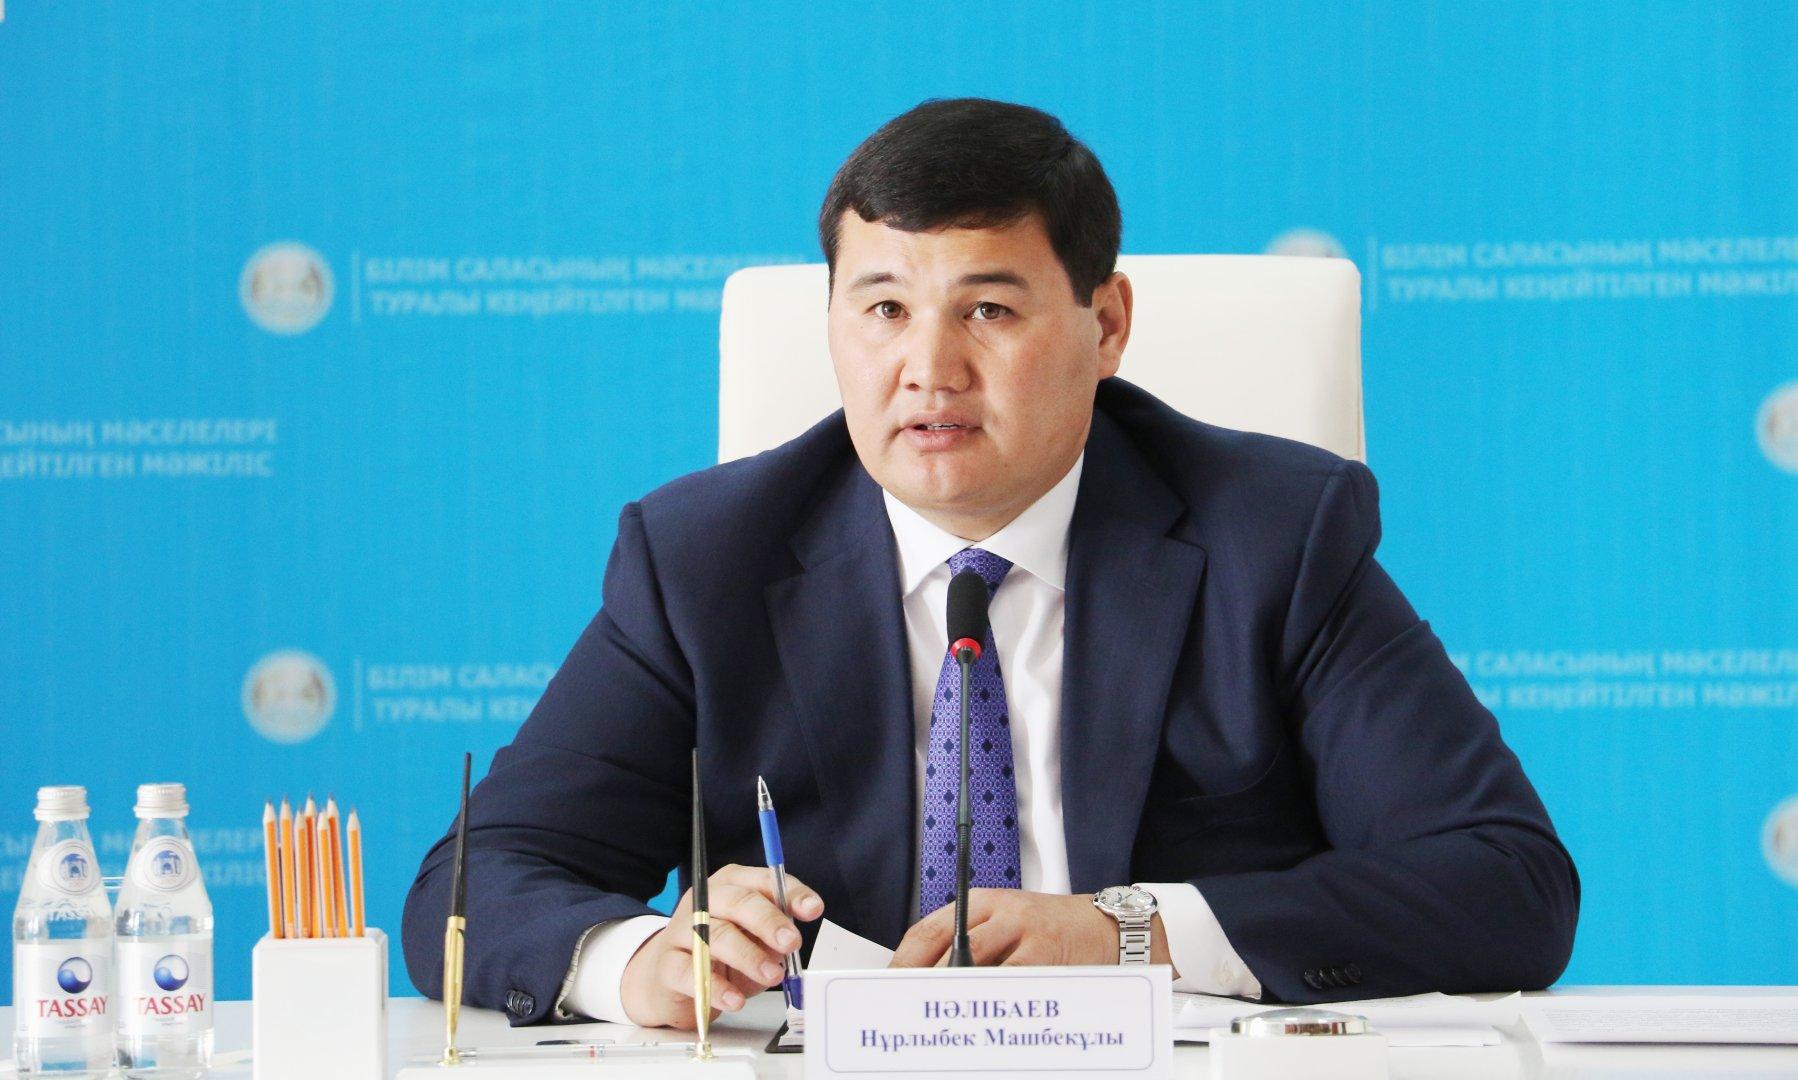 Досье: Налибаев Нурлыбек Машбекович     , Аким города Кызылорда